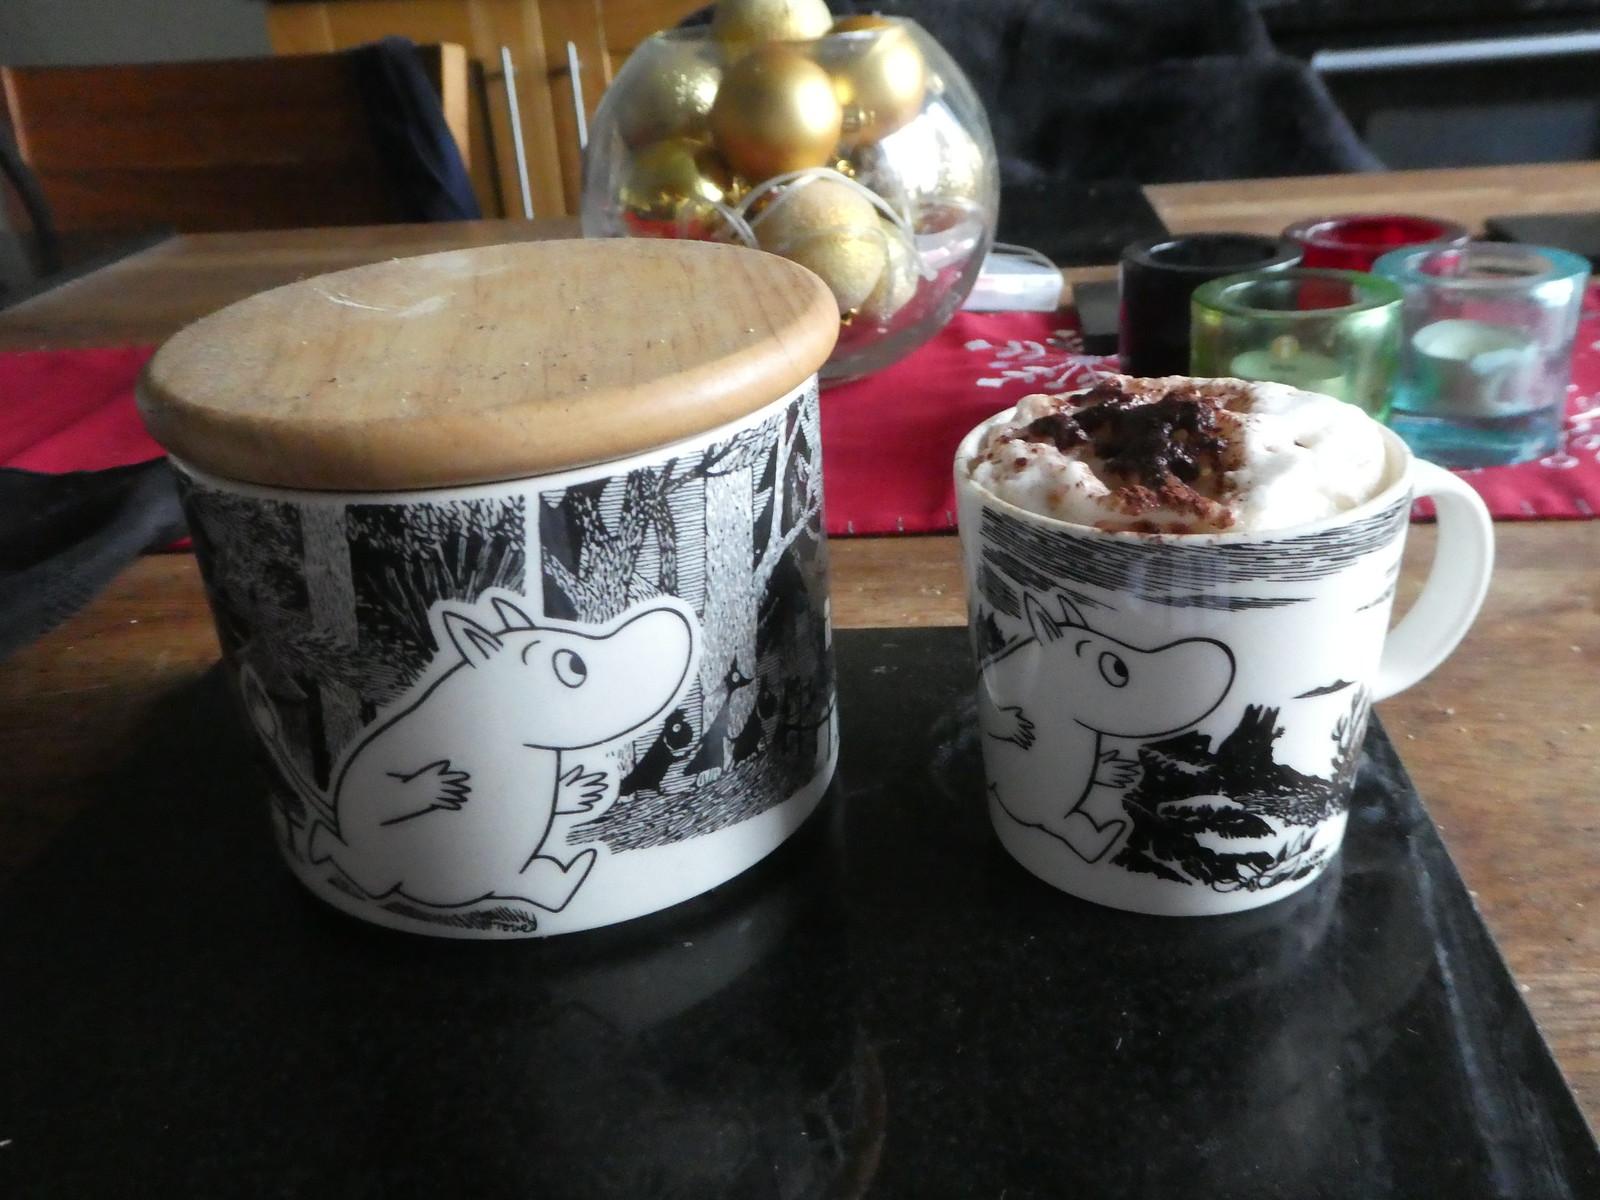 Moomin tableware by Arabia, Finland